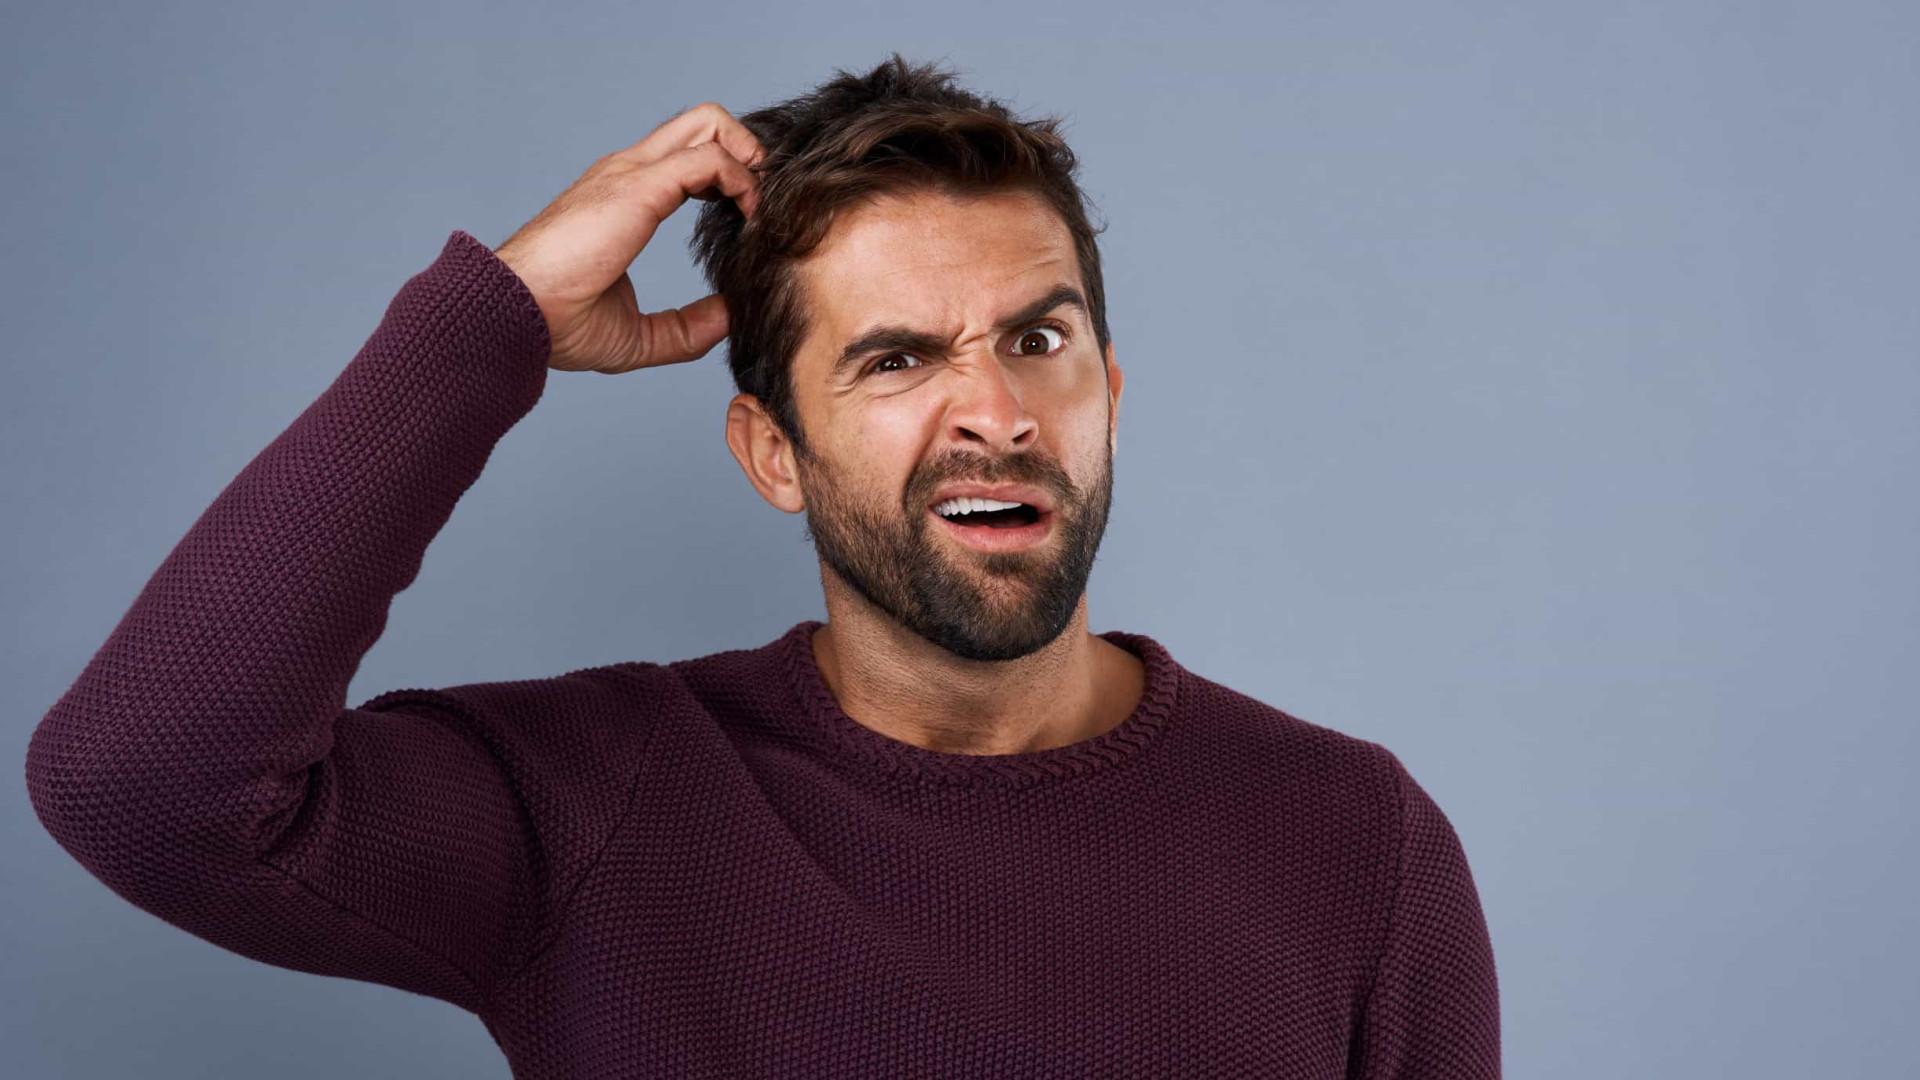 Sente comichão na cabeça? Aprenda a cuidar do couro cabeludo seco